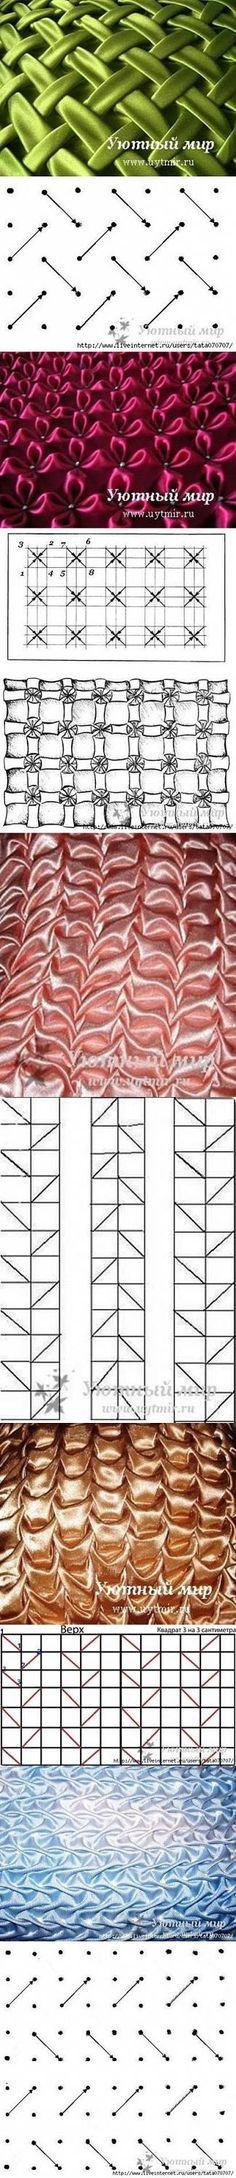 Mejores 26 imágenes de patrones de almohadas drapeadas en Pinterest ...